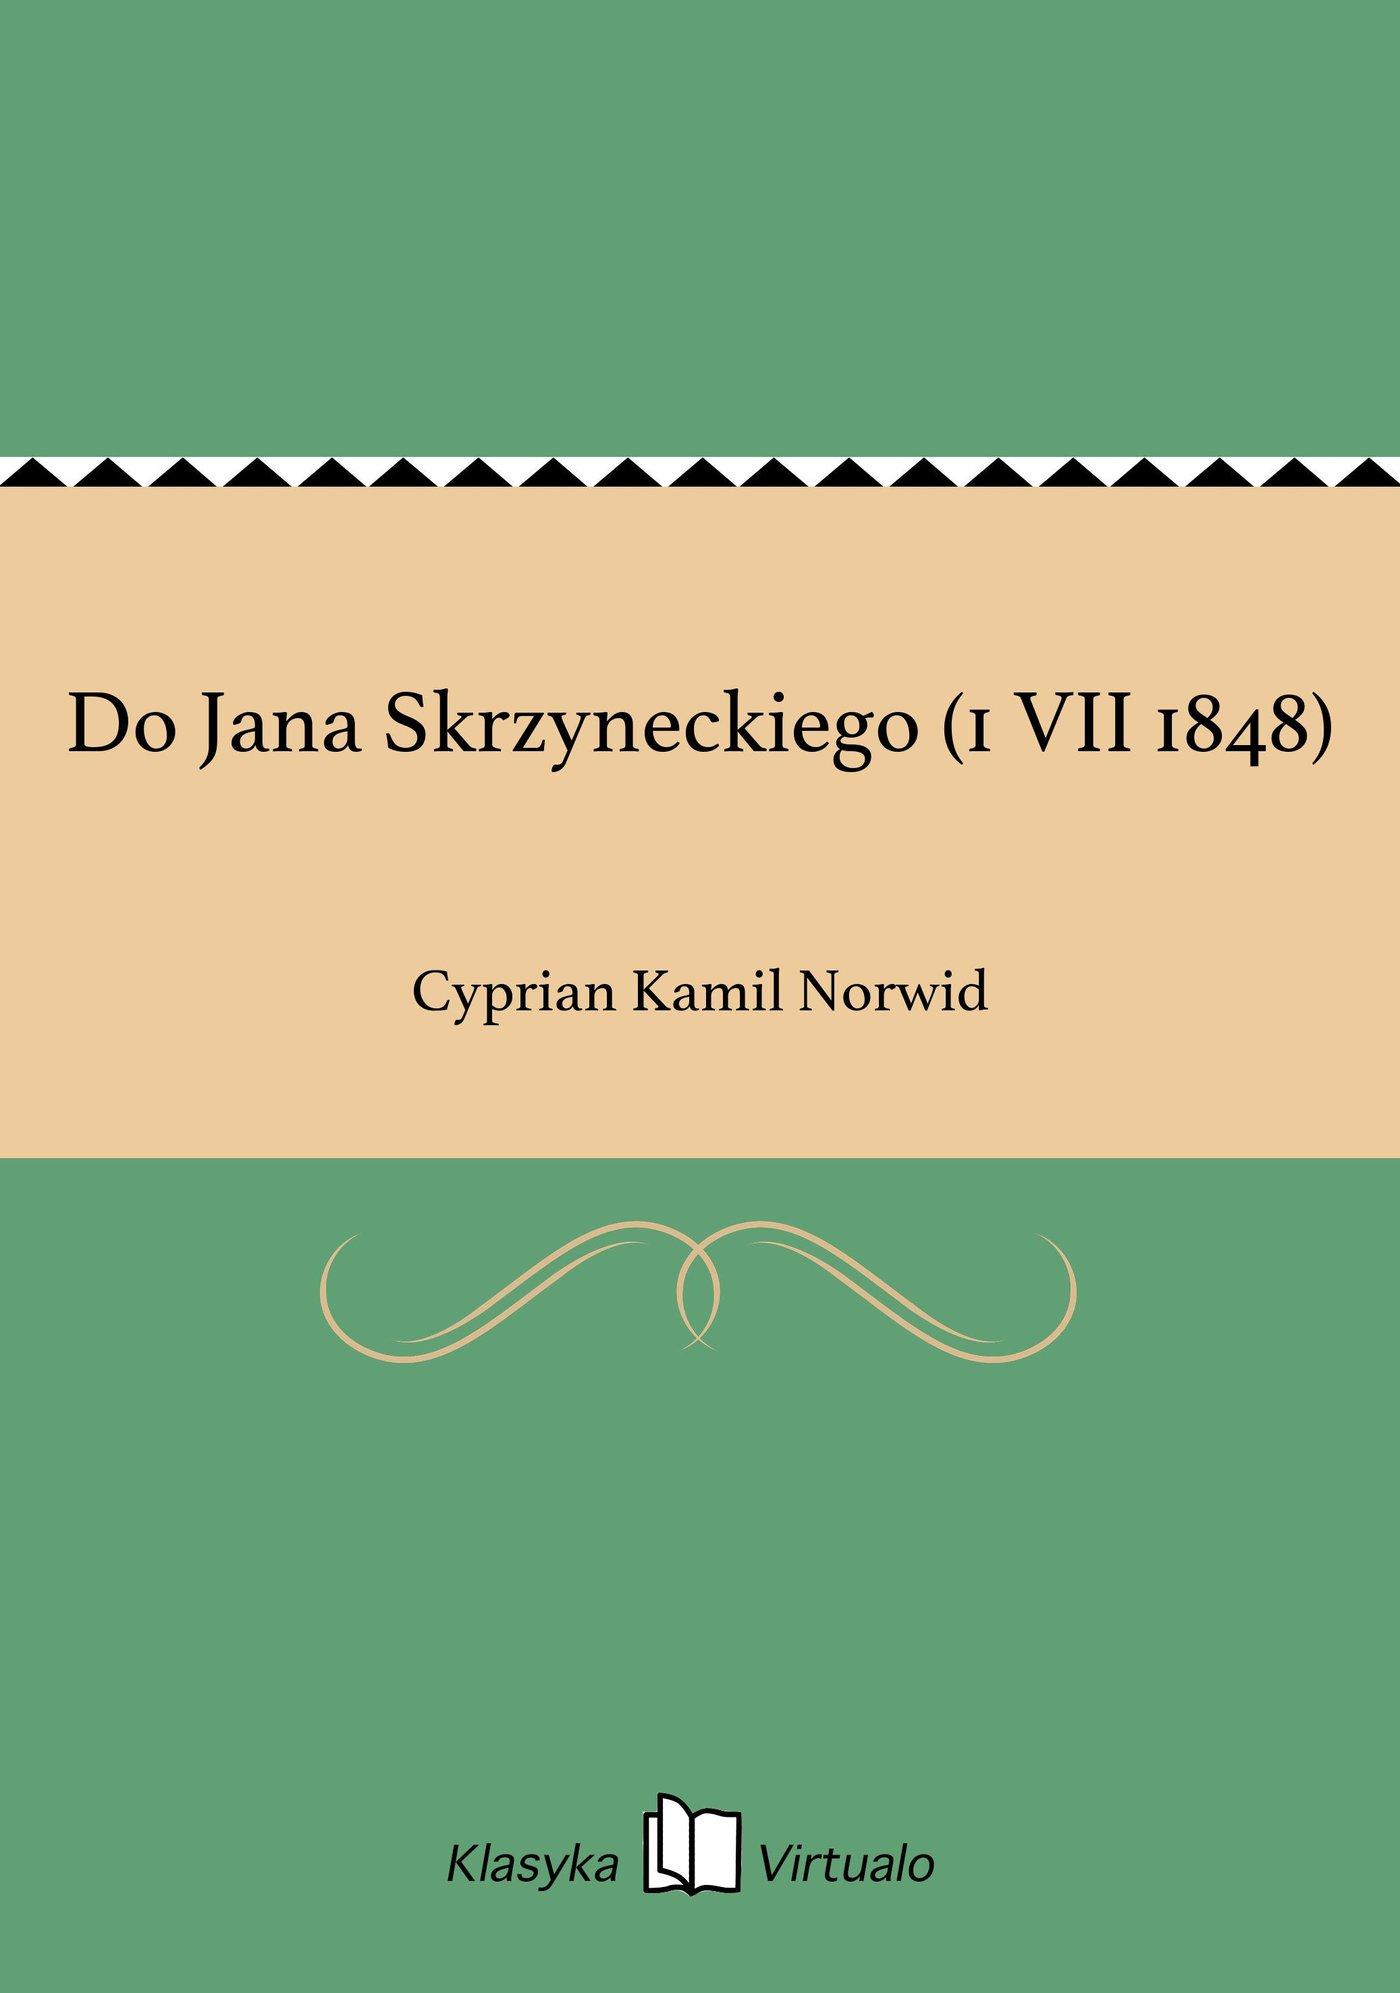 Do Jana Skrzyneckiego (1 VII 1848) - Ebook (Książka na Kindle) do pobrania w formacie MOBI